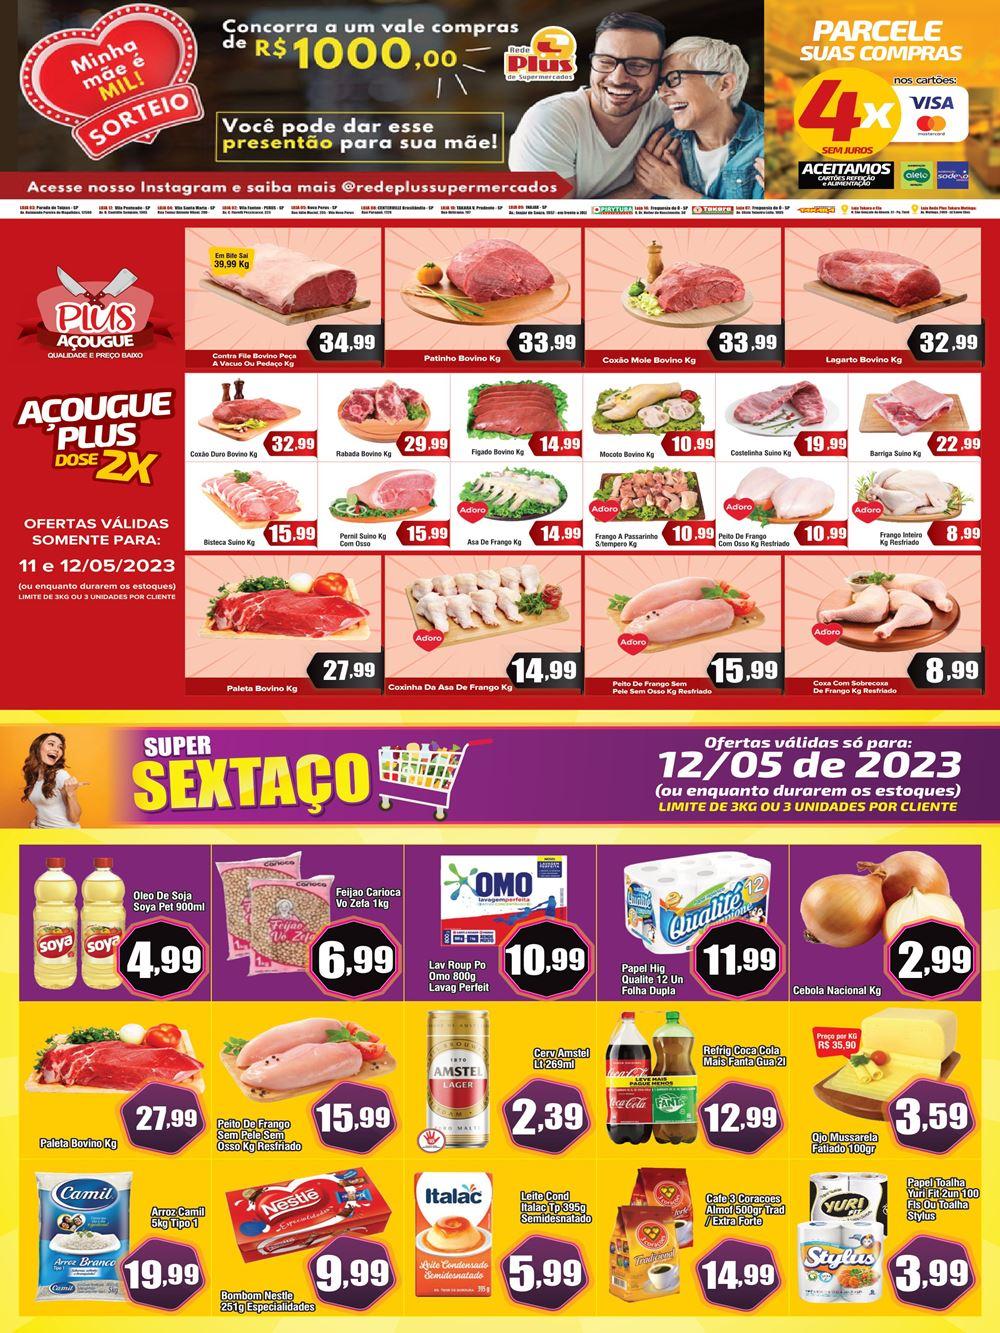 redeplustakara-ofertas-descontos-hoje1-106 Ofertas de supermercados